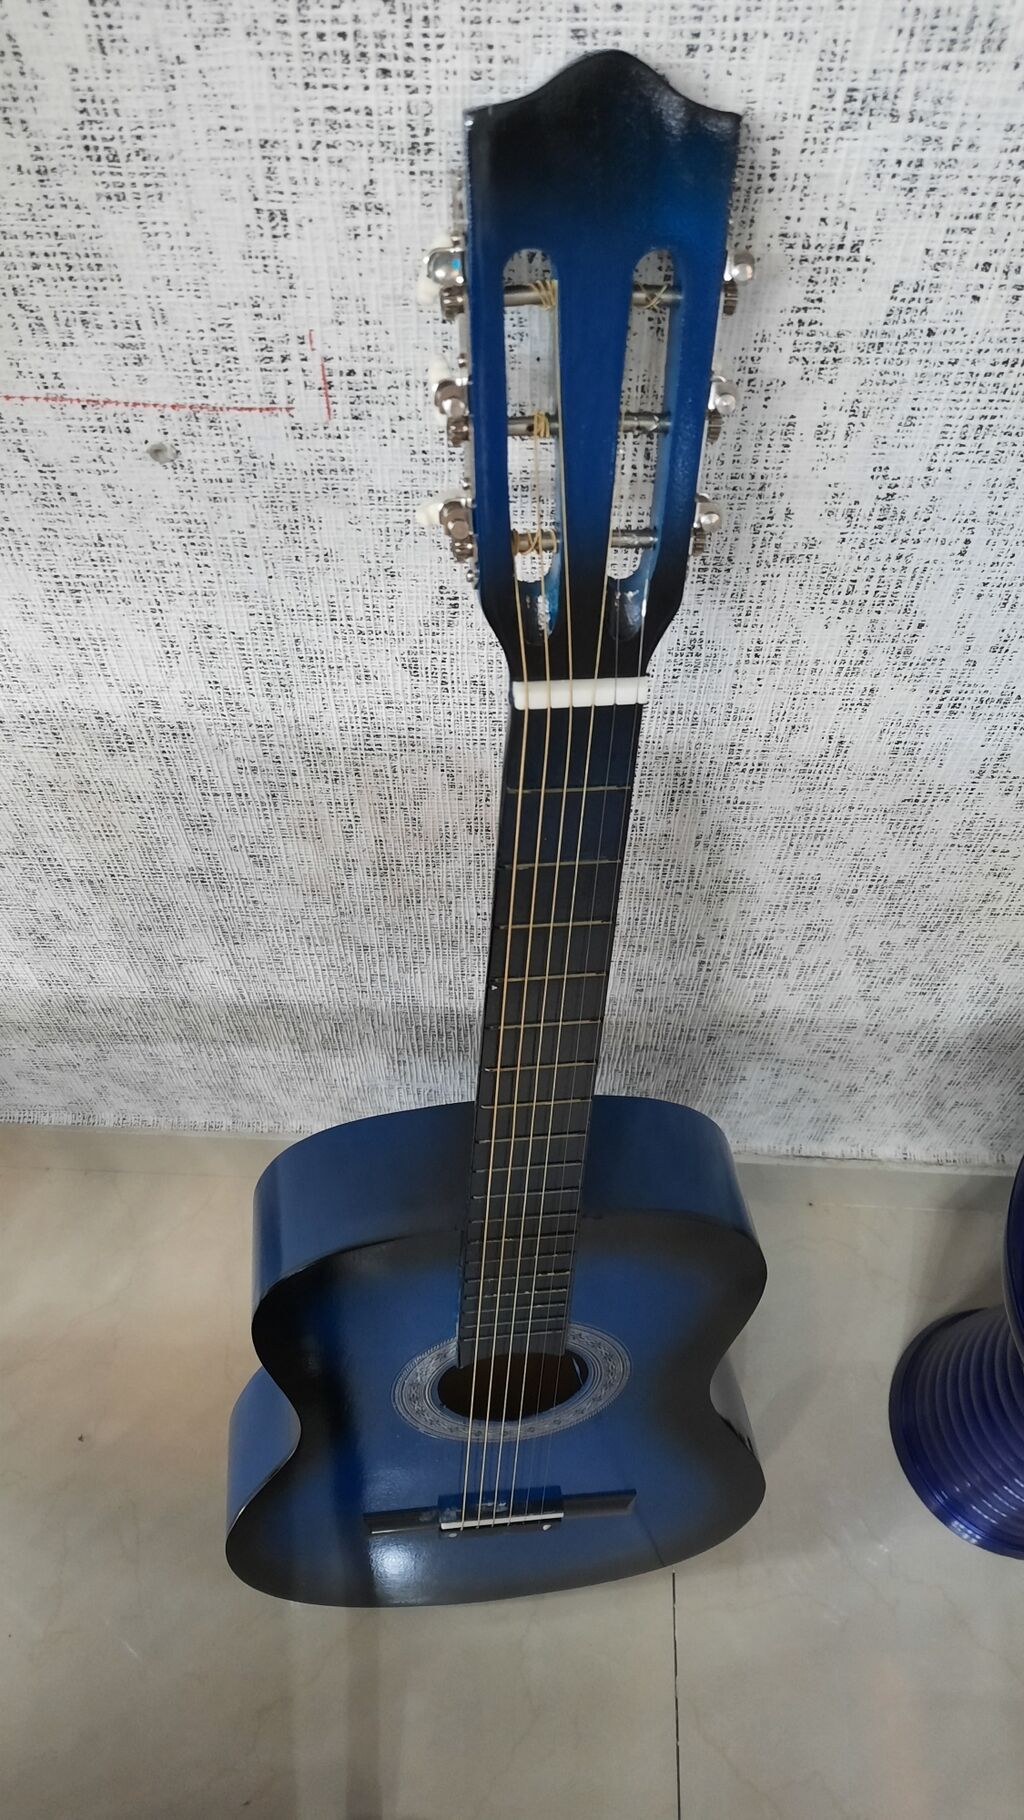 Klassik gitara: Klassik gitara